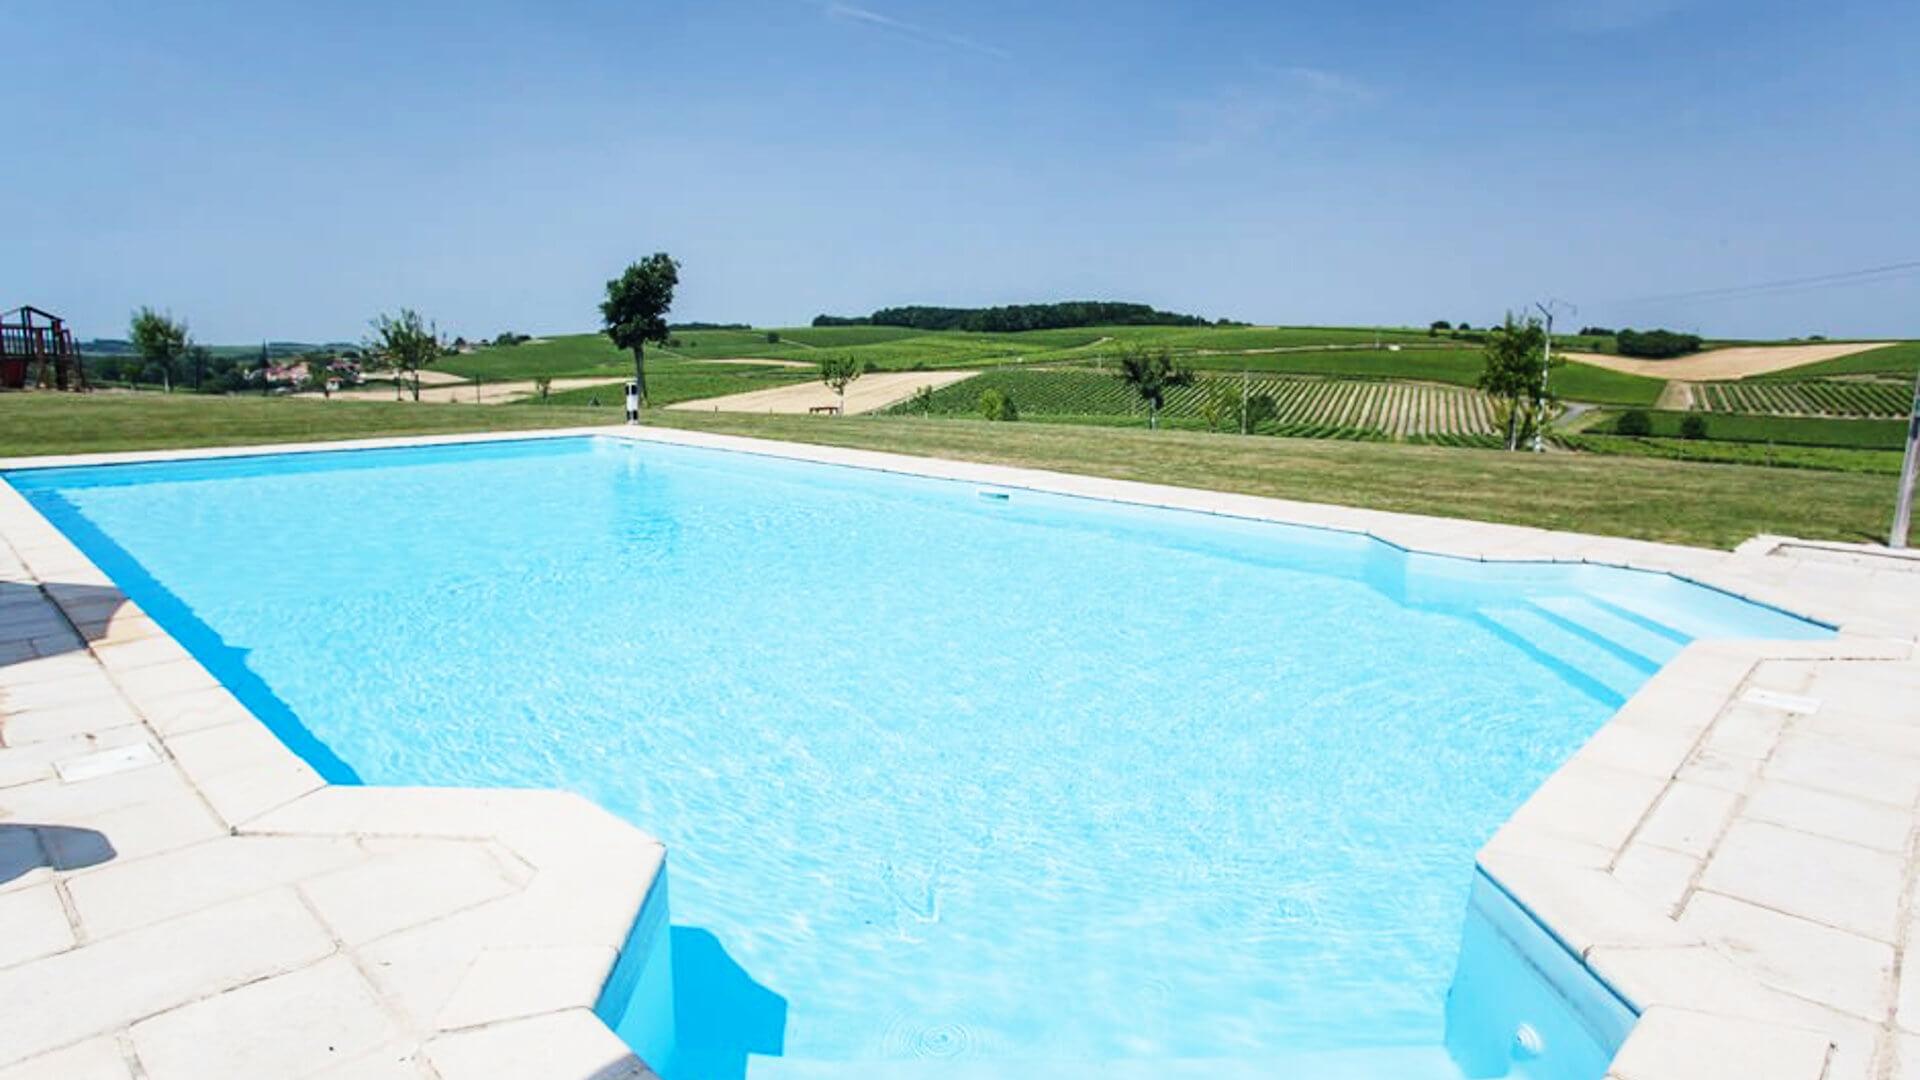 La piscine face aux vignes de cognac d'une demeure de charme